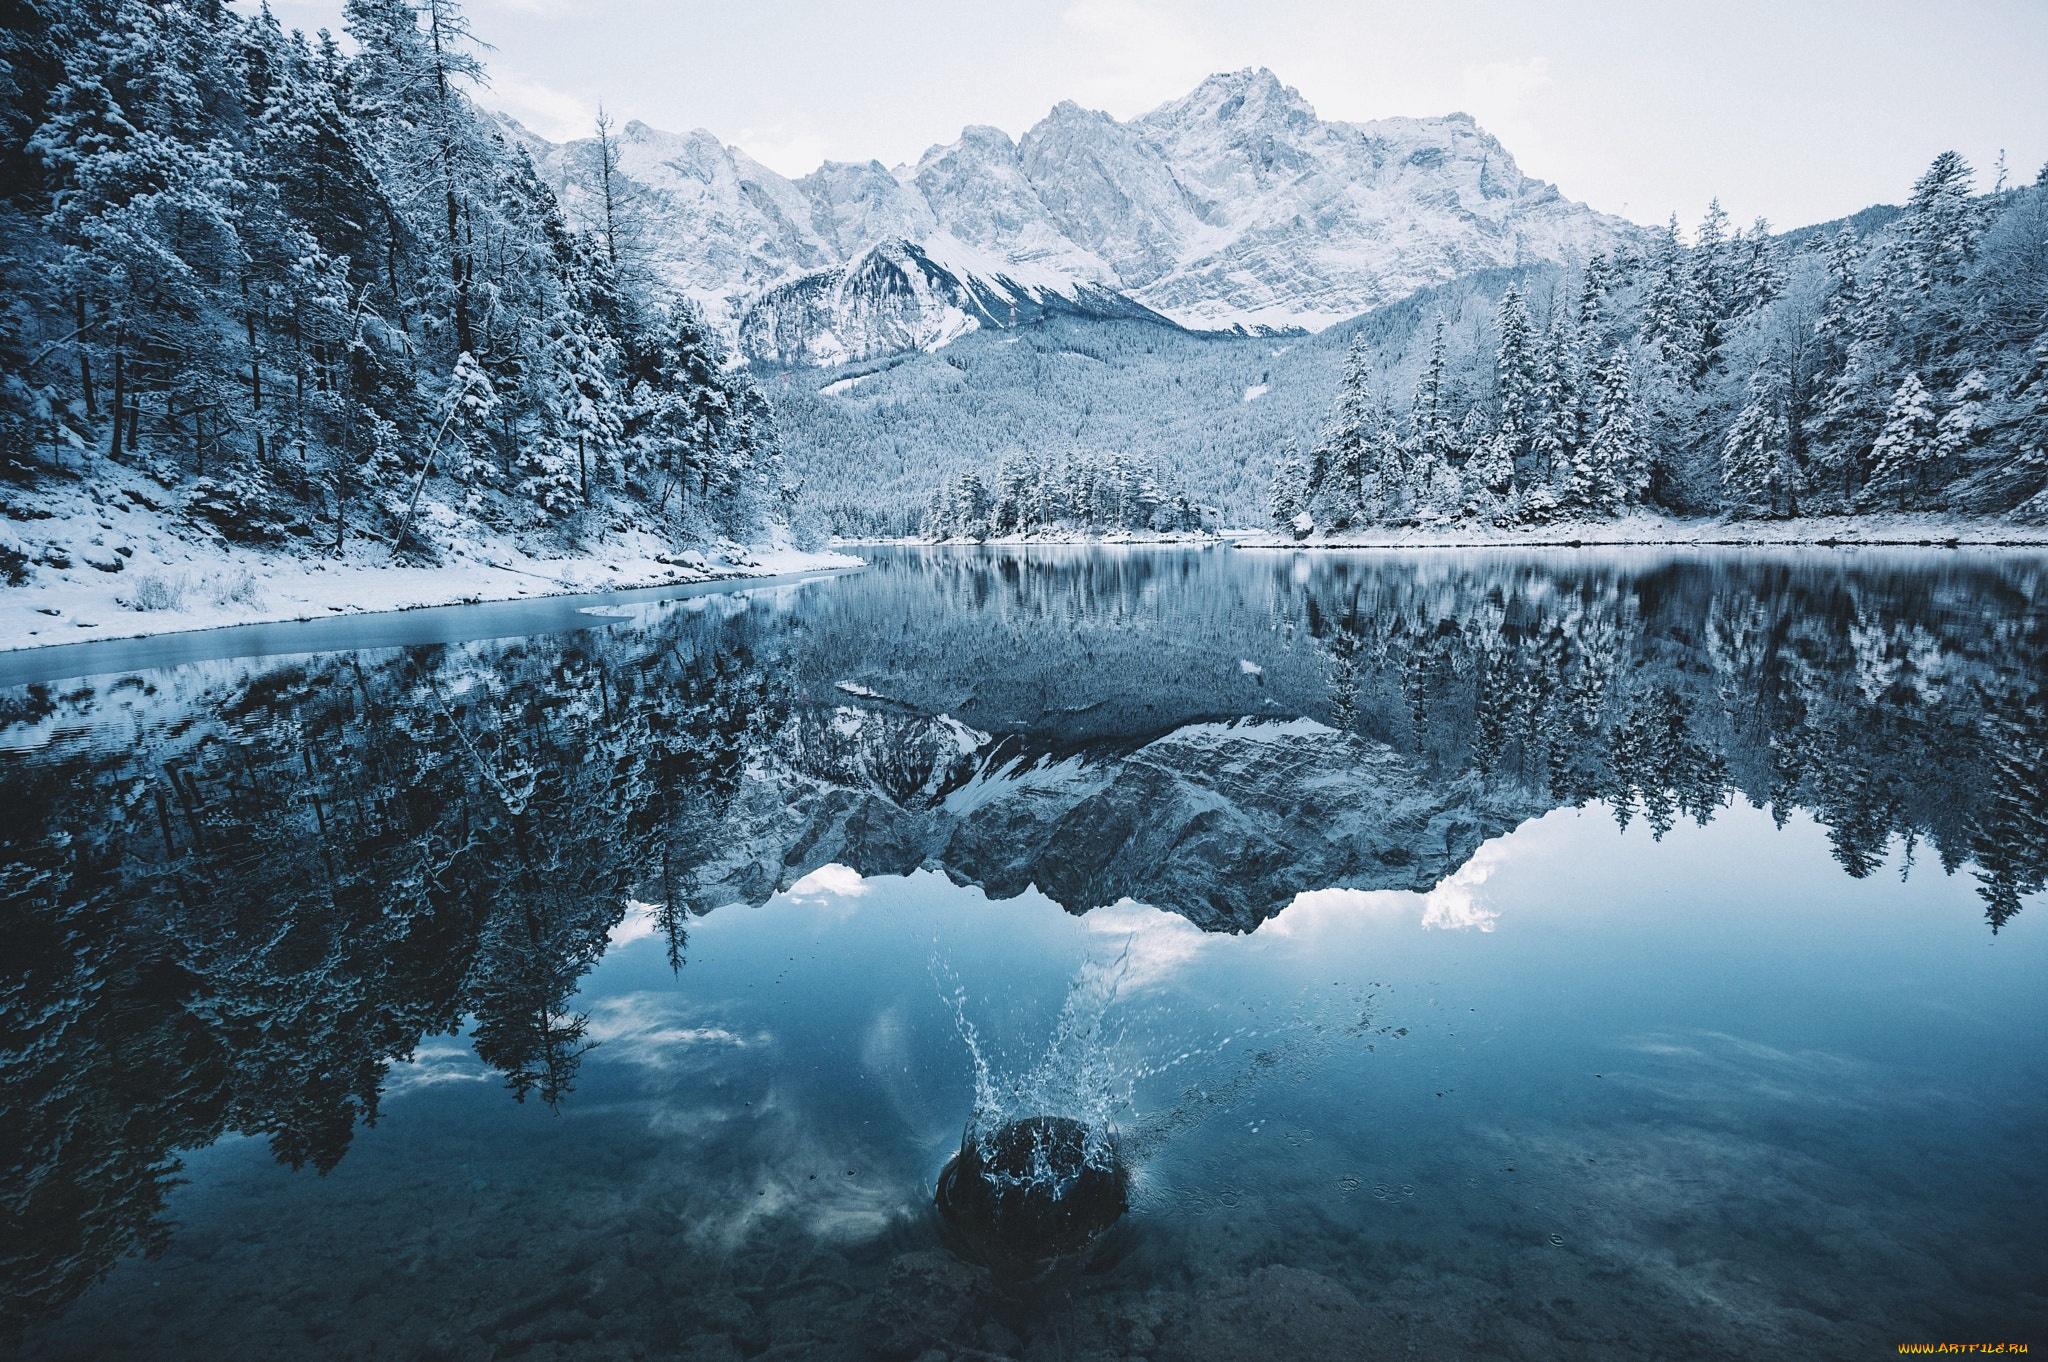 озеро горы снег  № 2476729 бесплатно